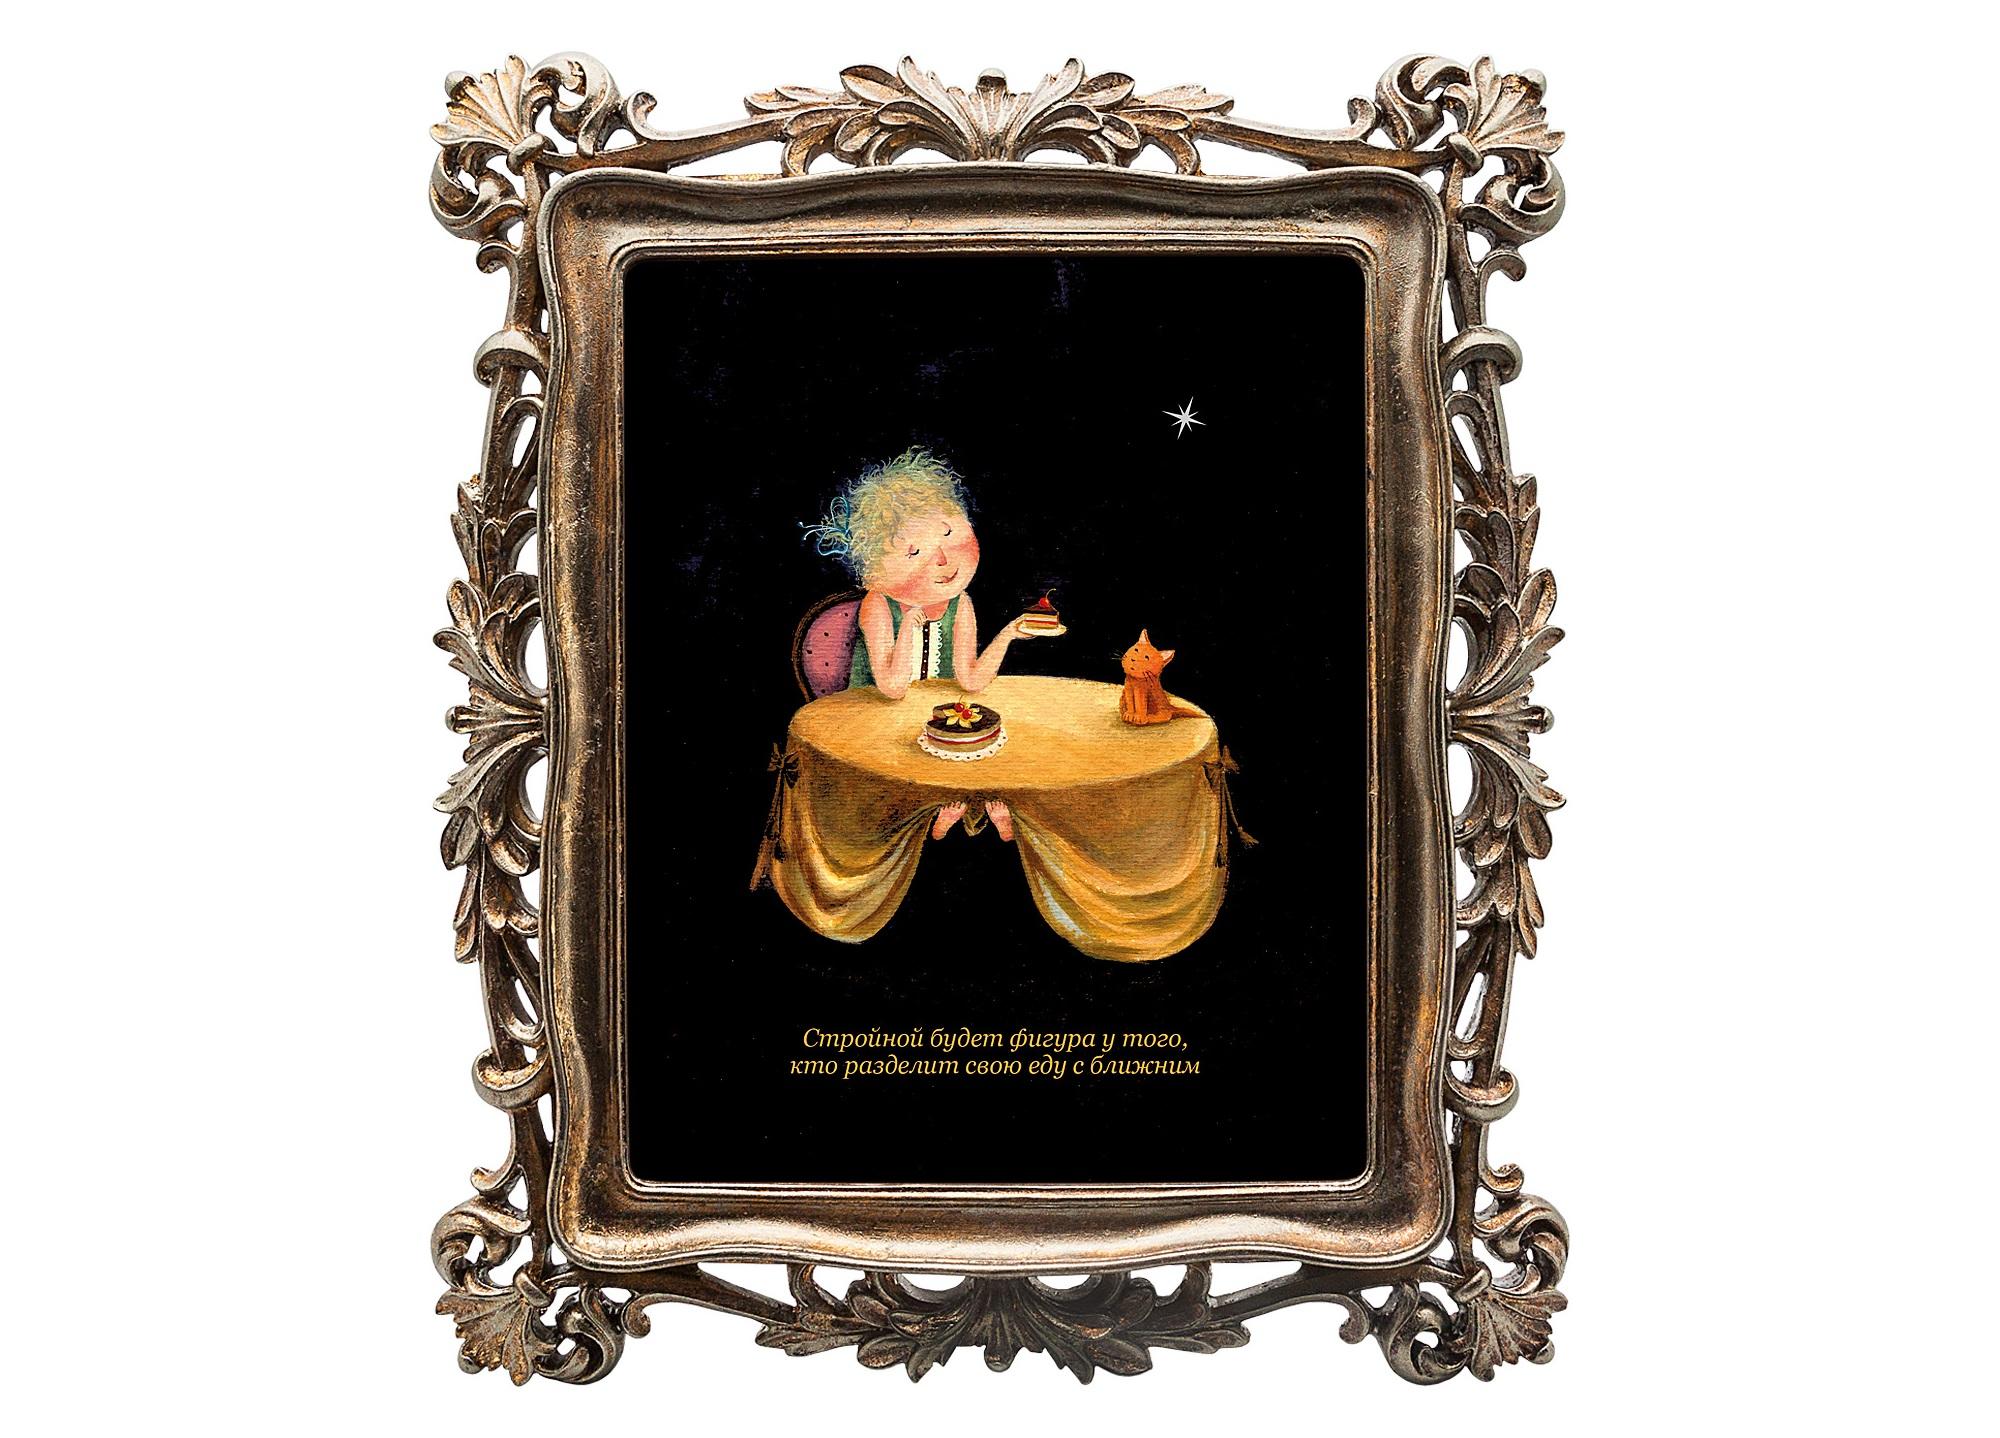 Картина 12 рецептов счастья (Весы)Картины<br>Картина из коллекции «12 рецептов счастья» «Стройной будет фигура у того, кто разделит свою еду с ближним» олицетворяет собой знак зодиака Весы, преподнося нам уникальное пожелание.  Картину можно повесить на стену, либо поставить, например, на стол или камин. Защитный стеклянный слой  гарантирует долгую жизнь прекрасному изображению. Рама изготовлена из полистоуна. Искусная техника состаривания придает раме особую теплоту и винтажность.&amp;lt;div&amp;gt;&amp;lt;br&amp;gt;&amp;lt;/div&amp;gt;&amp;lt;div&amp;gt;Материал: полистоун, стекло, дизайнерская бумага.&amp;lt;br&amp;gt;&amp;lt;/div&amp;gt;<br><br>Material: Полистоун<br>Width см: 29.7<br>Depth см: 2.2<br>Height см: 34.7